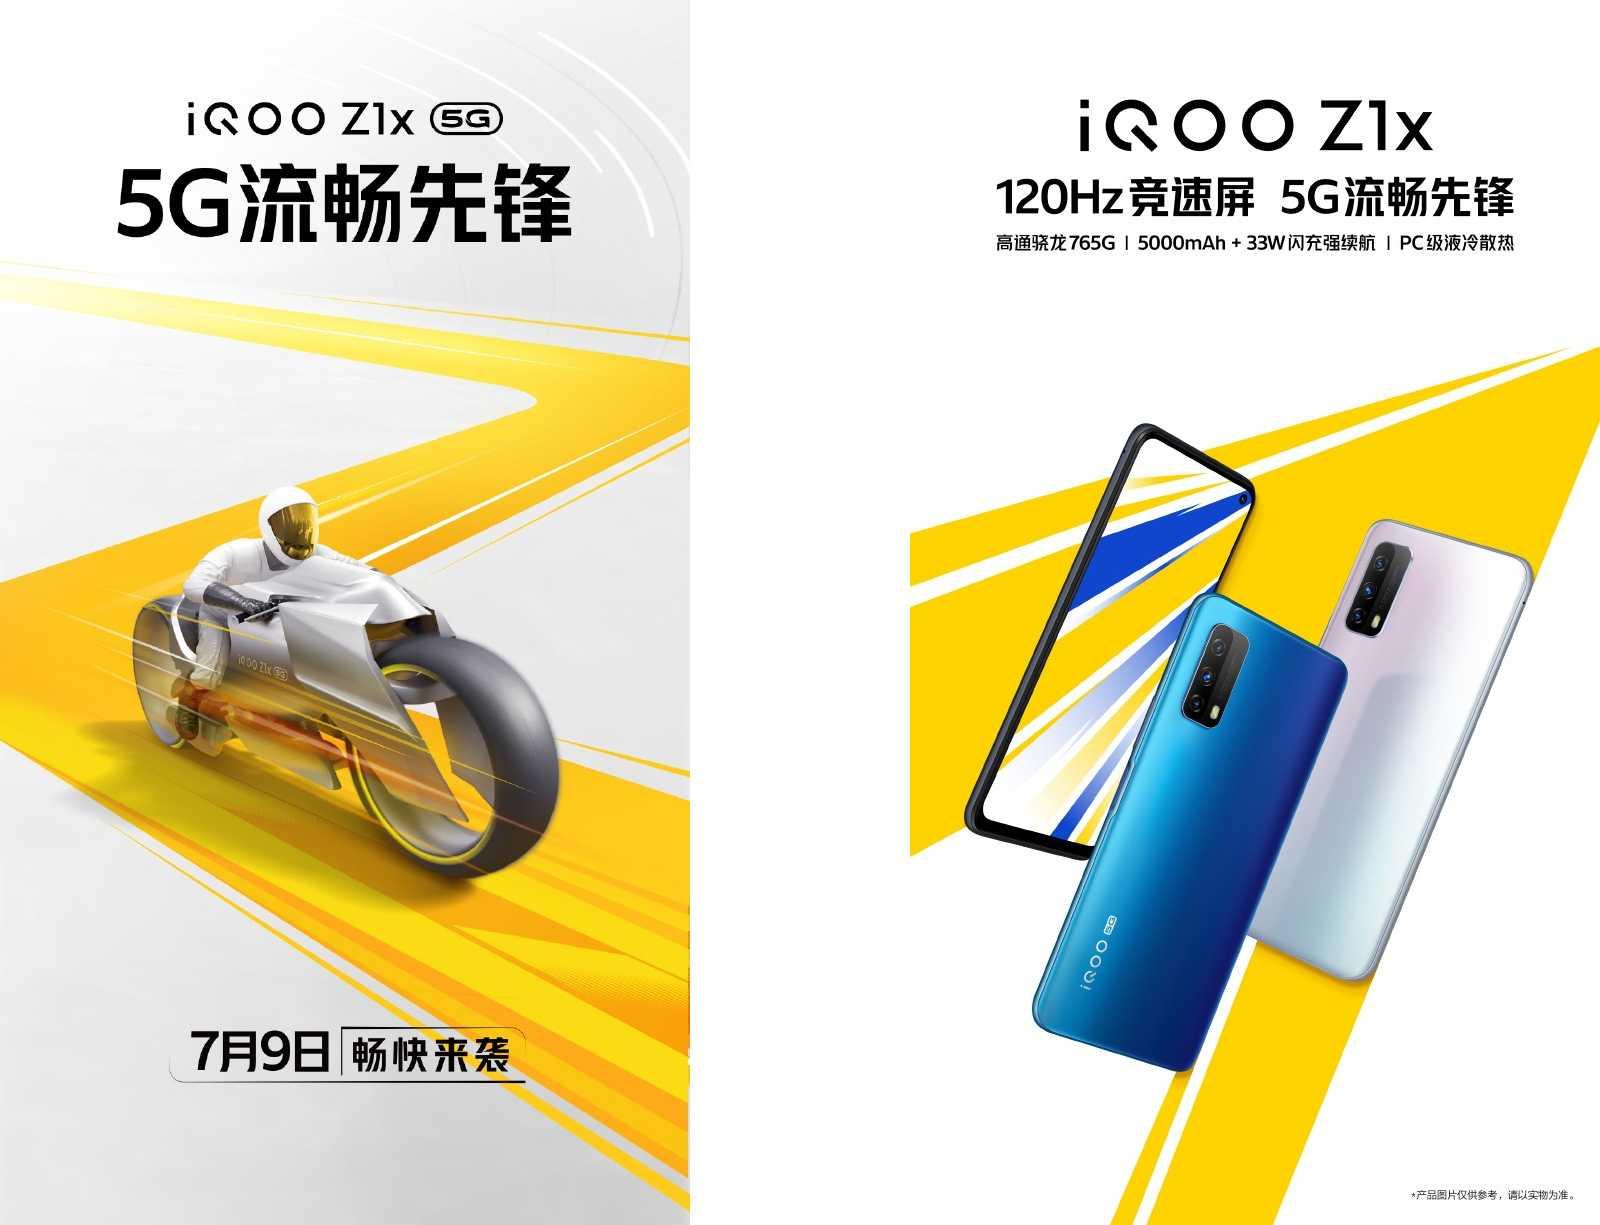 Обзор смартфона vivo iqoo 3 с поддержкой 5g